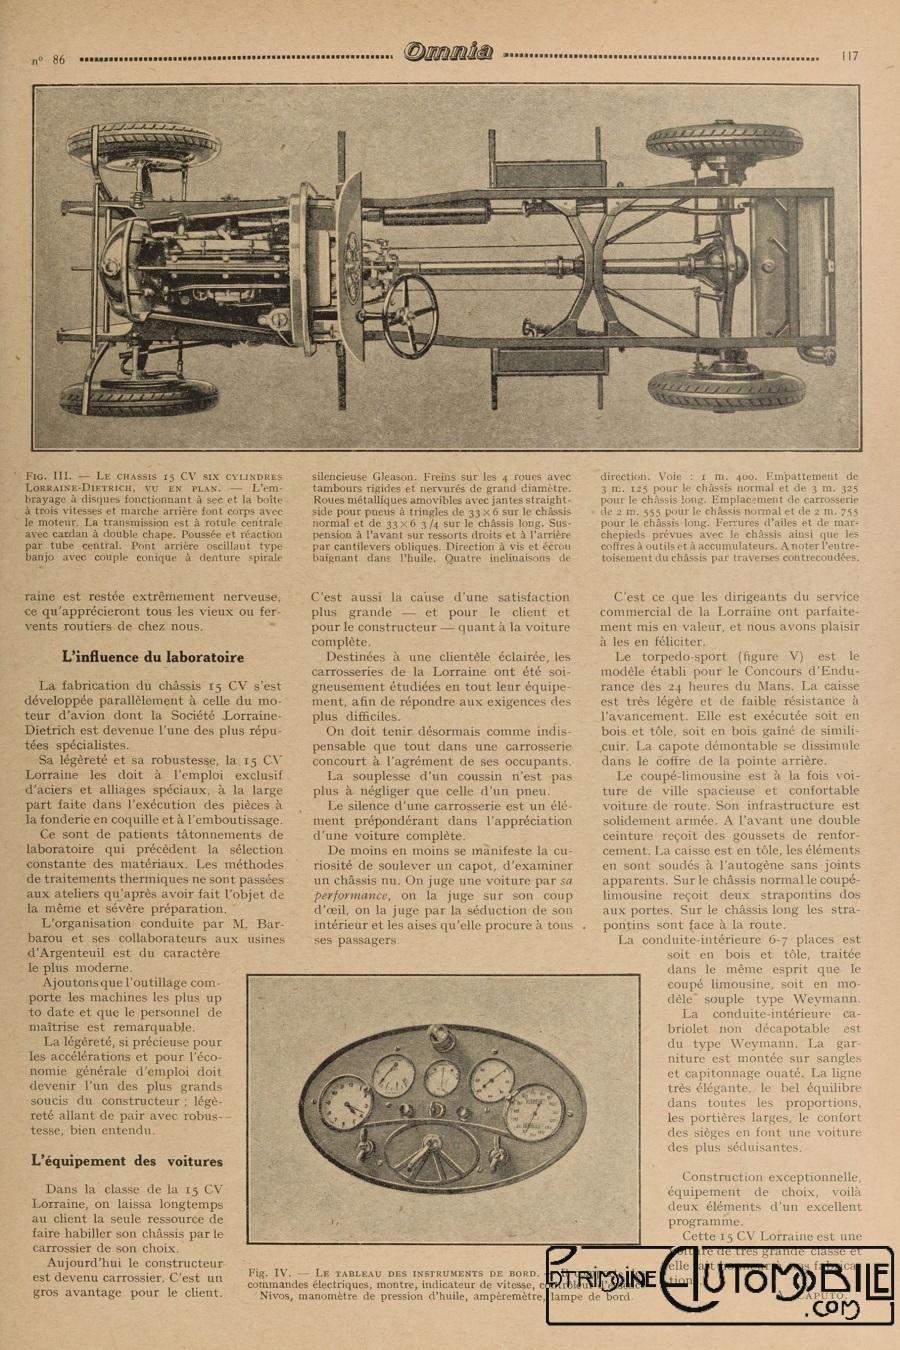 lorraine dietrich 15 cv dans omnia 1927